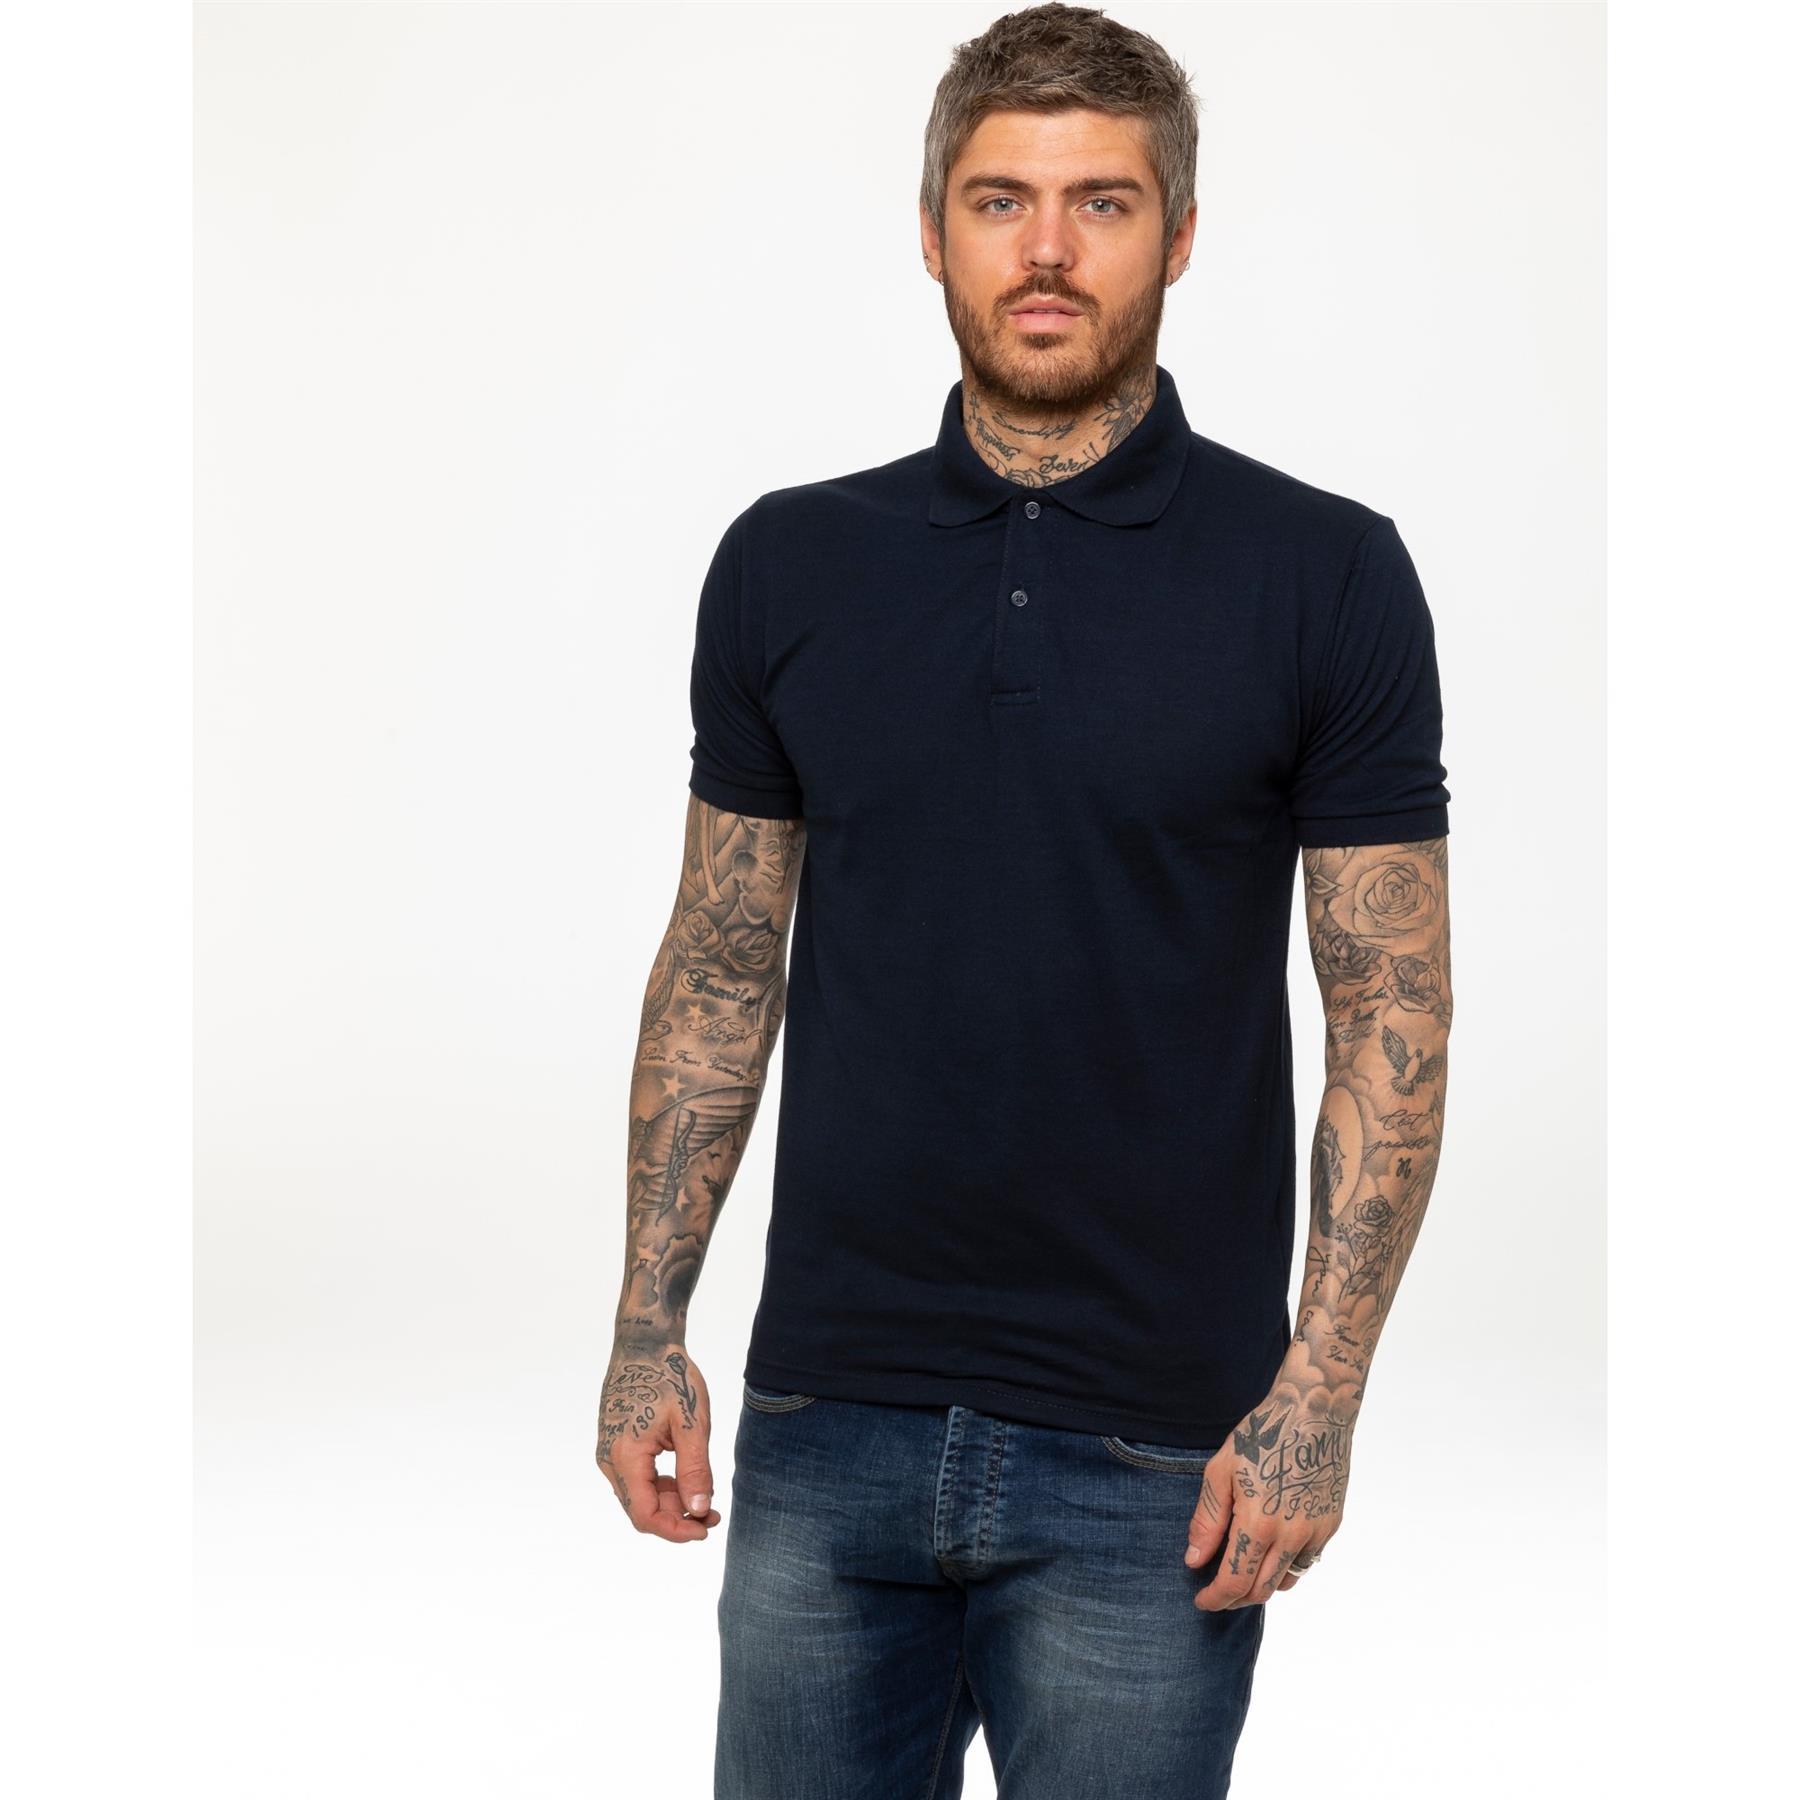 Indexbild 10 - Herren Polohemd Freizeit T-Shirts Neu Schlicht Kurzärmeliges Regular Fit